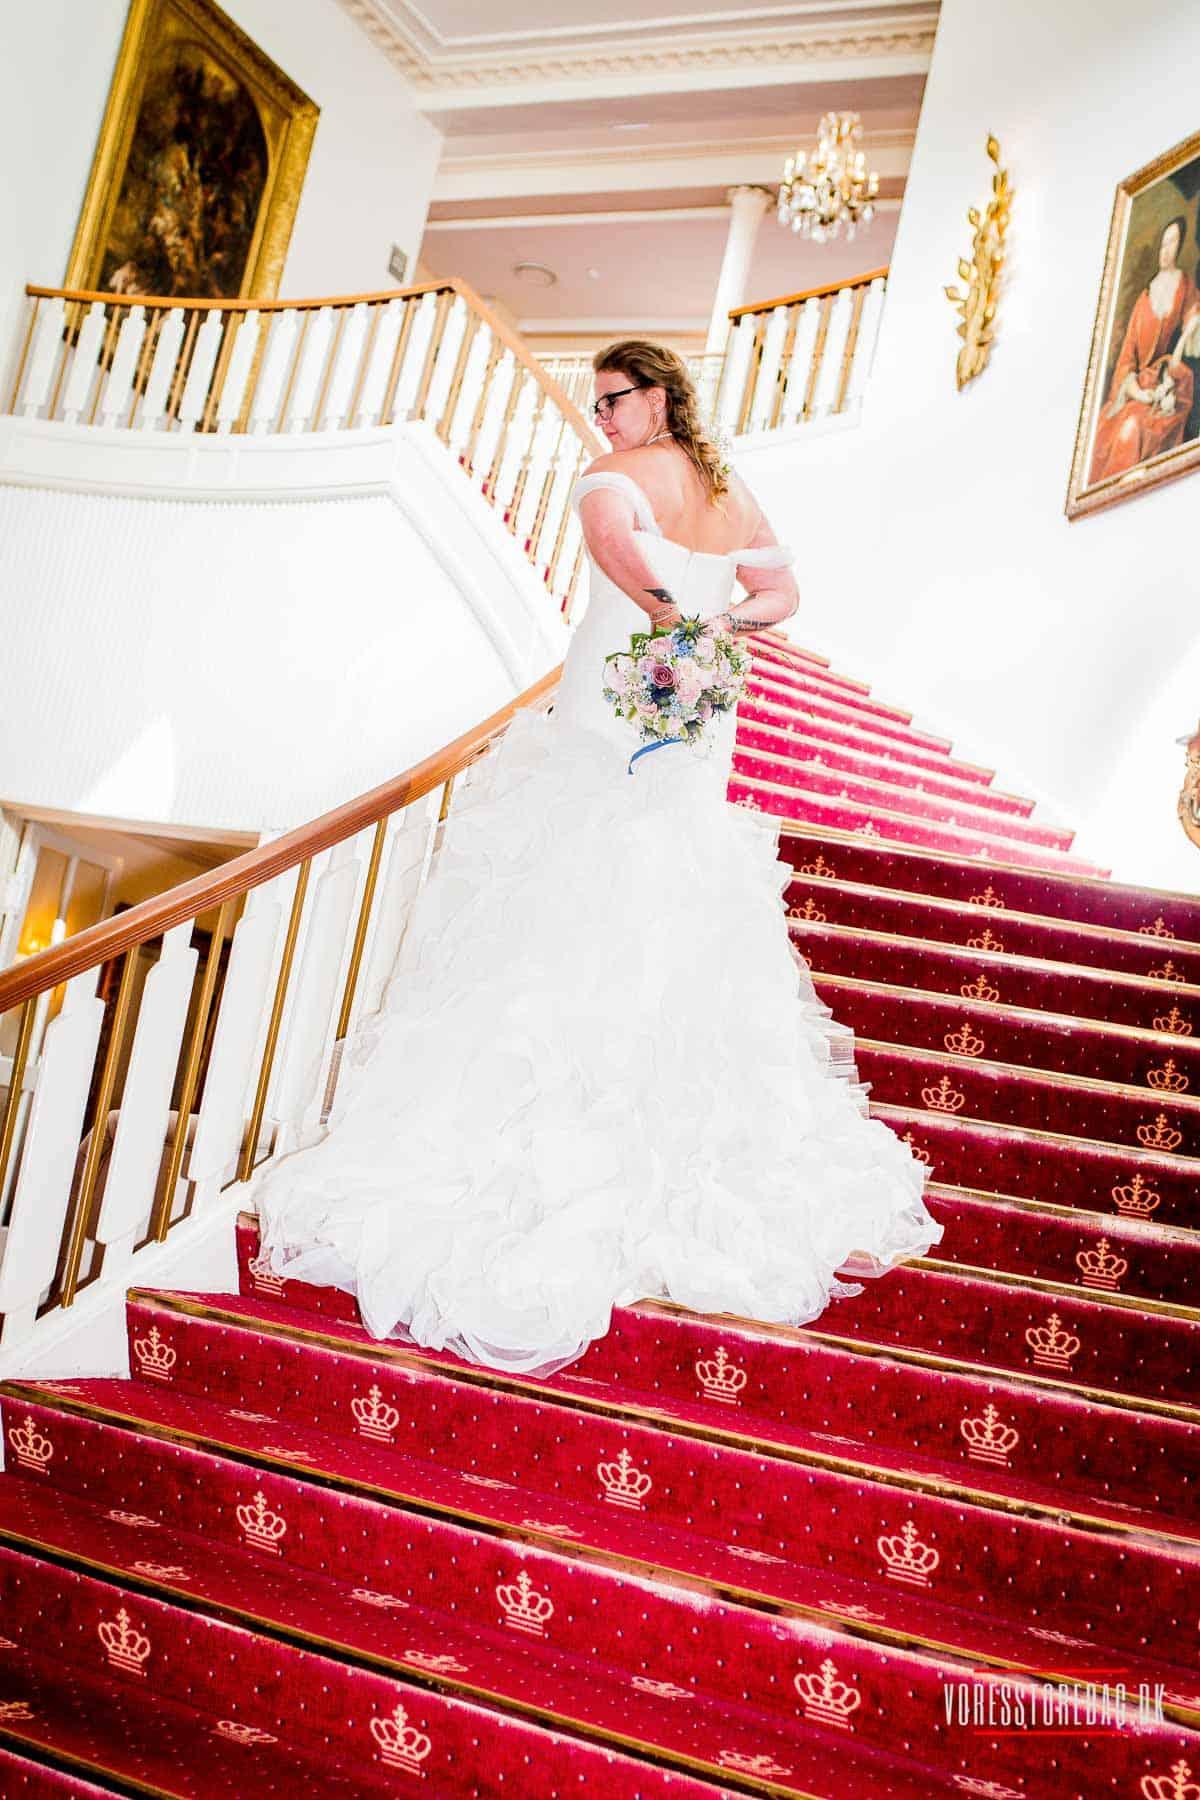 Bryllupsfotograf Marienlyst - Bryllup og alt om bryllupsplanlægning